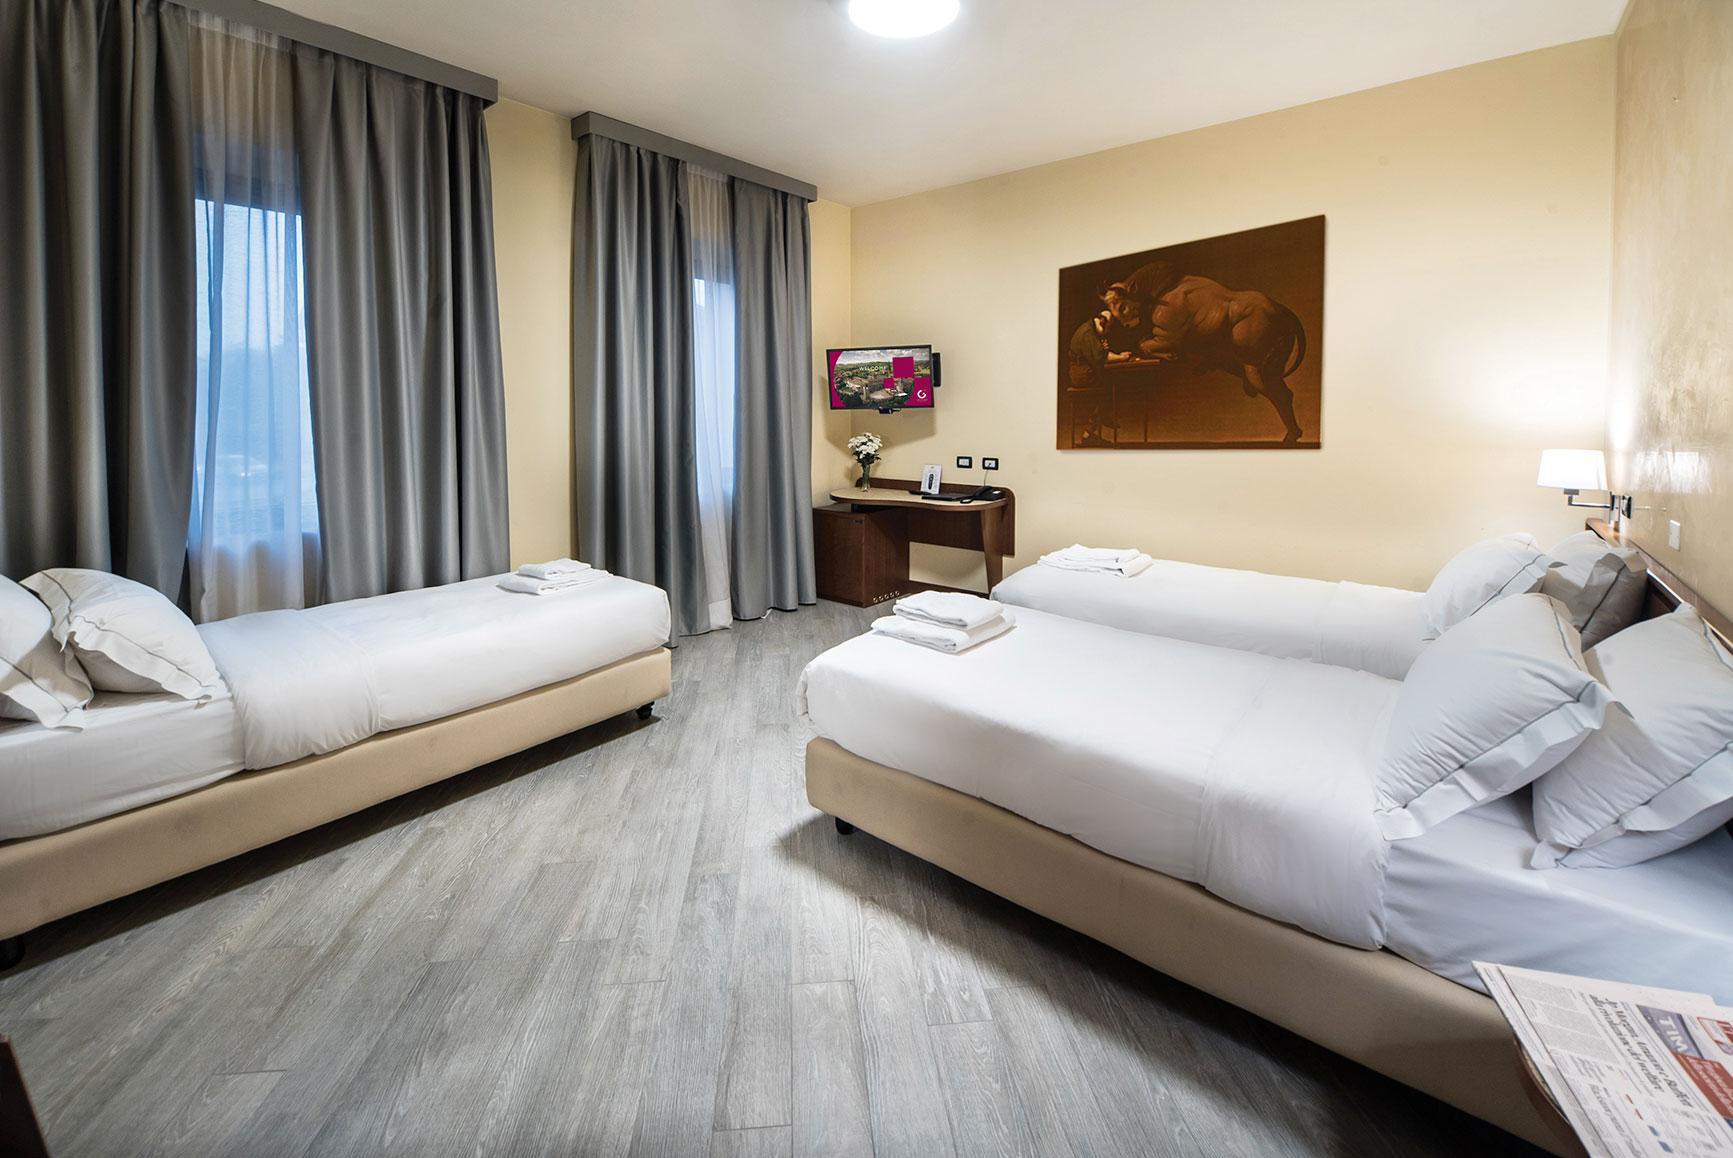 camera-classic-hotel-guerro